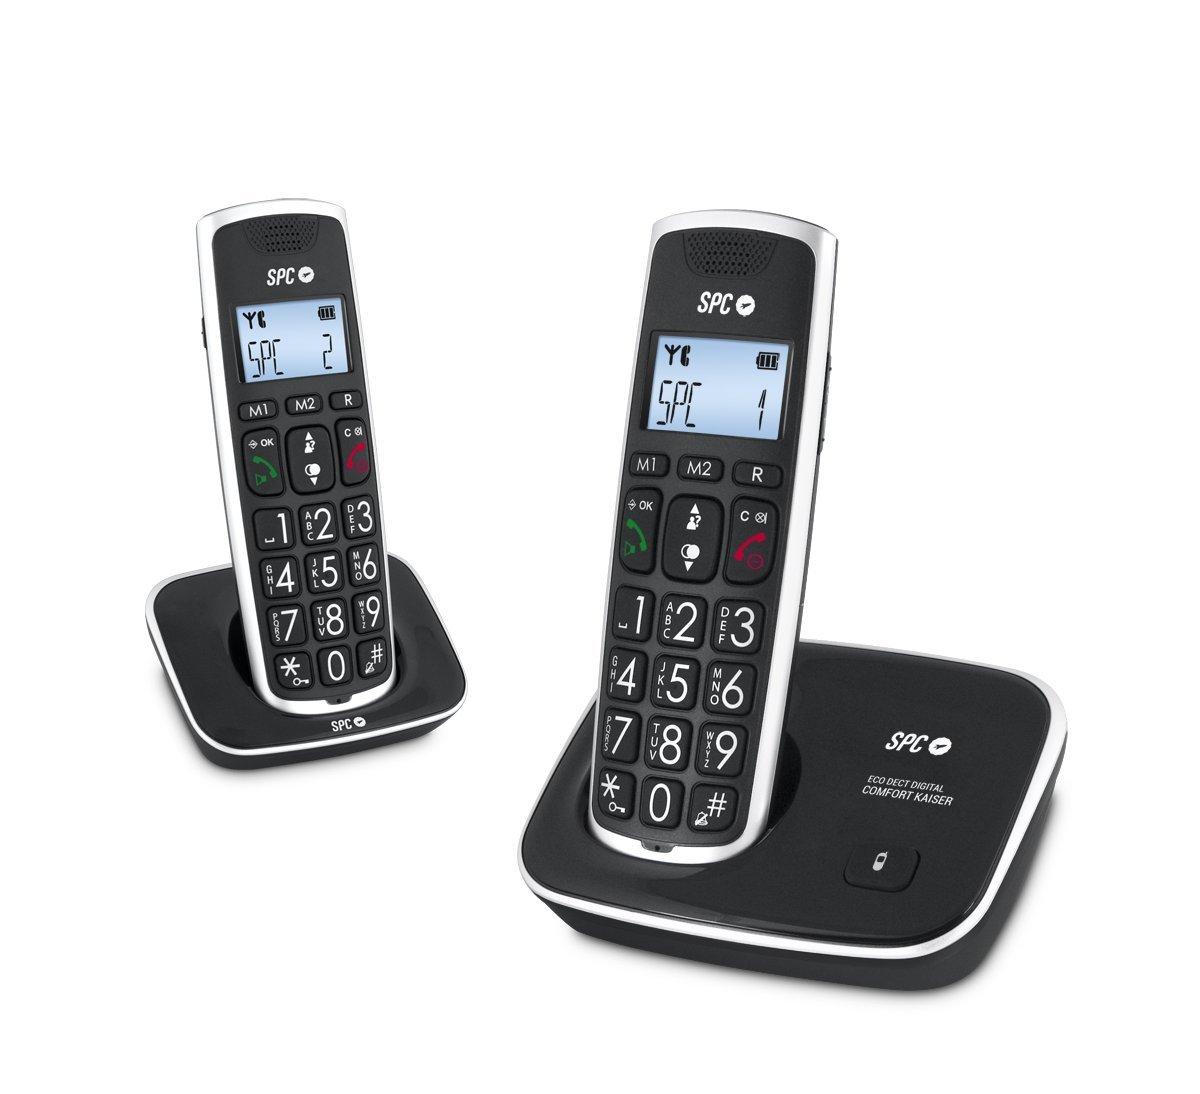 teléfono duo teclas grandes compatible audífono negro